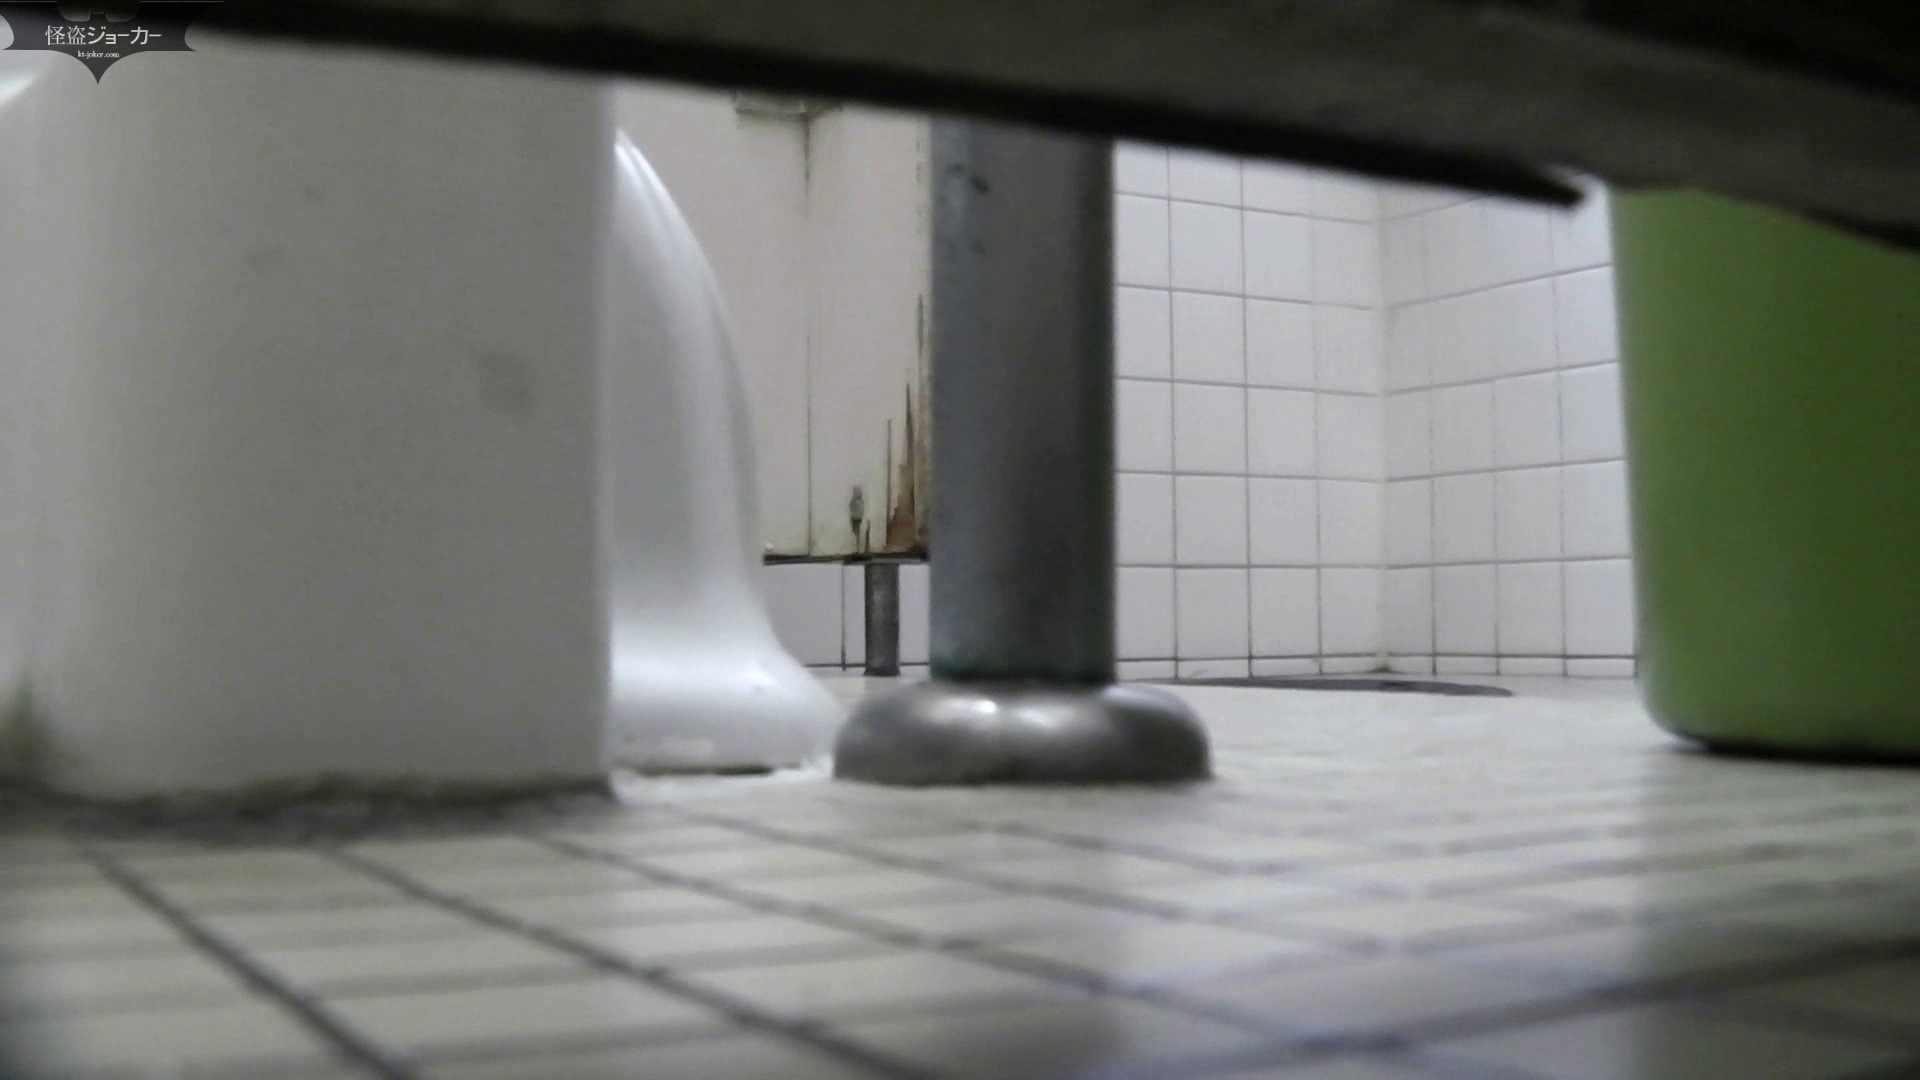 【美しき個室な世界】洗面所特攻隊 vol.051 洗面所 | OLのボディ  72PIX 11